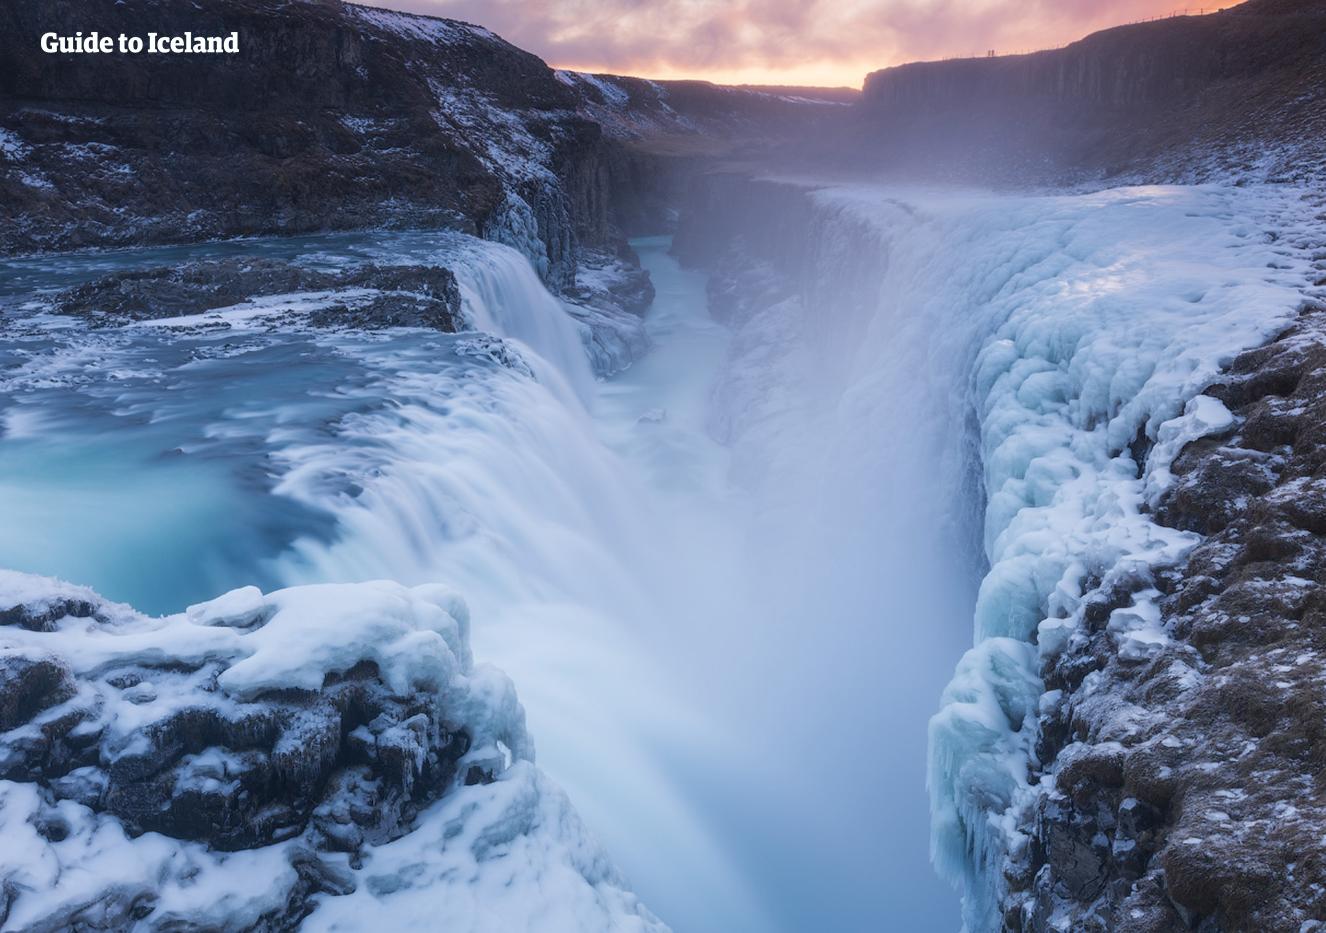 La cascada de Gullfoss en invierno libera un rocío glacial que se congela en las rocas y el musgo que lo rodea, creando una imagen de invierno espectacular.